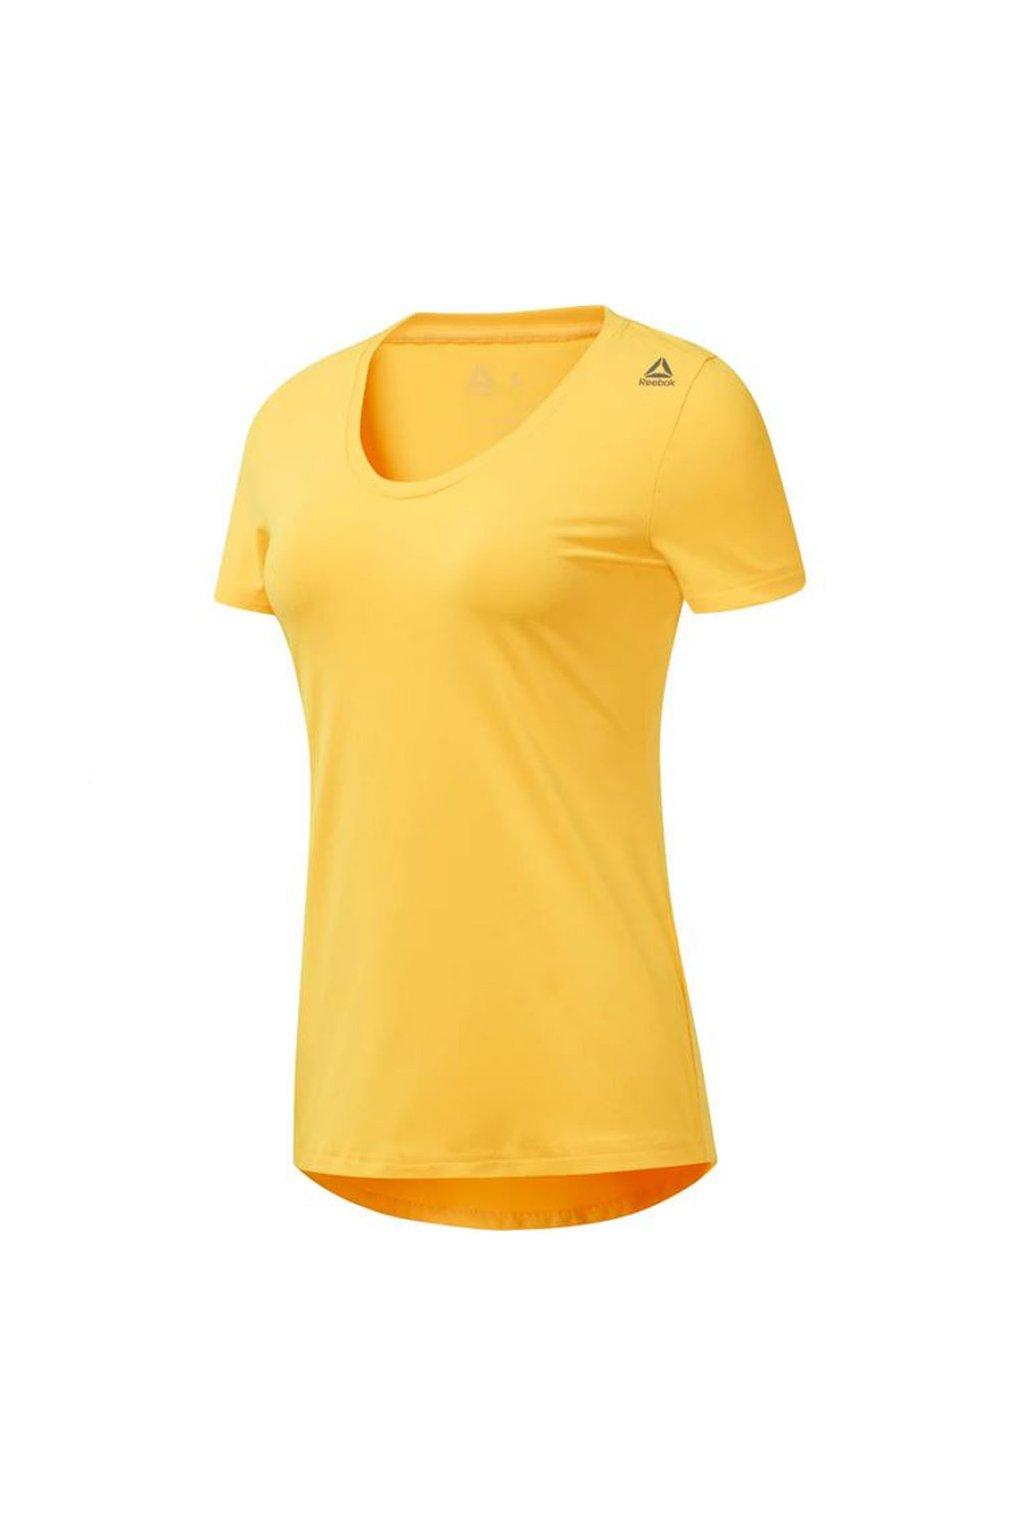 Dámske tričko Reebok Wor SW Tee žlté DX0546